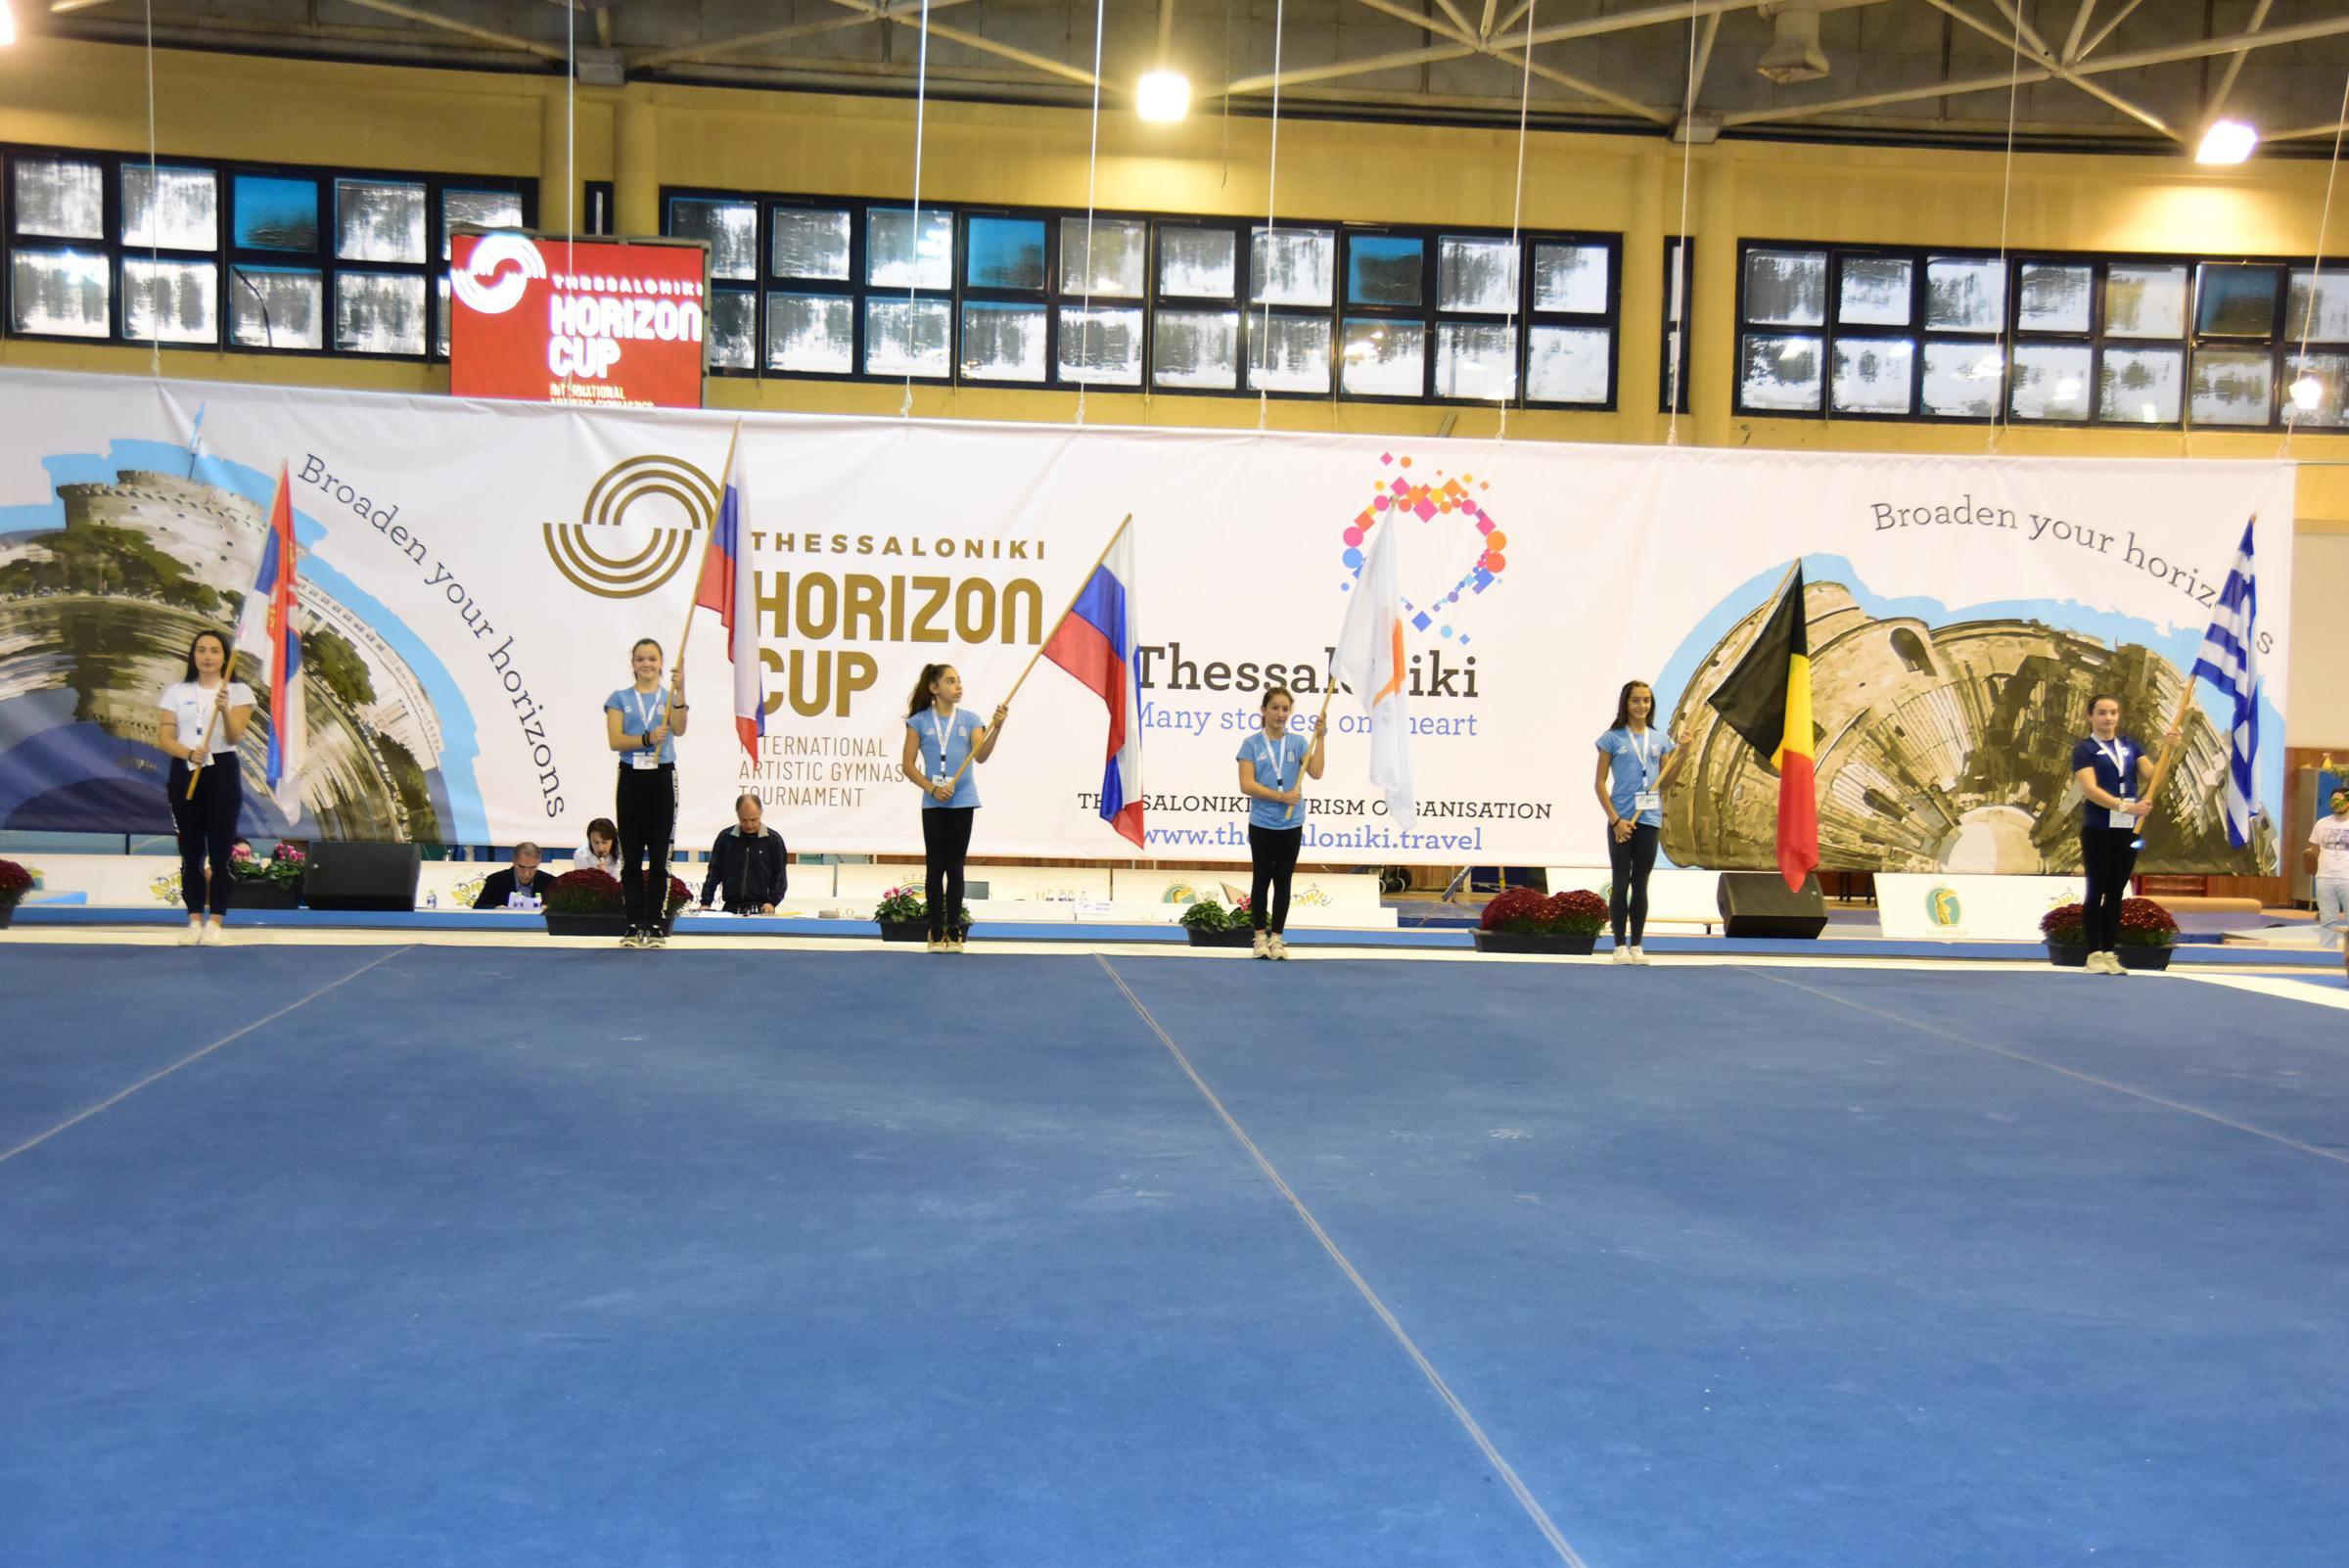 """Έρχεται το 2ο """"Horizon Cup"""": Δηλώστε εθελοντής και ζήστε μία ξεχωριστή εμπειρία!"""